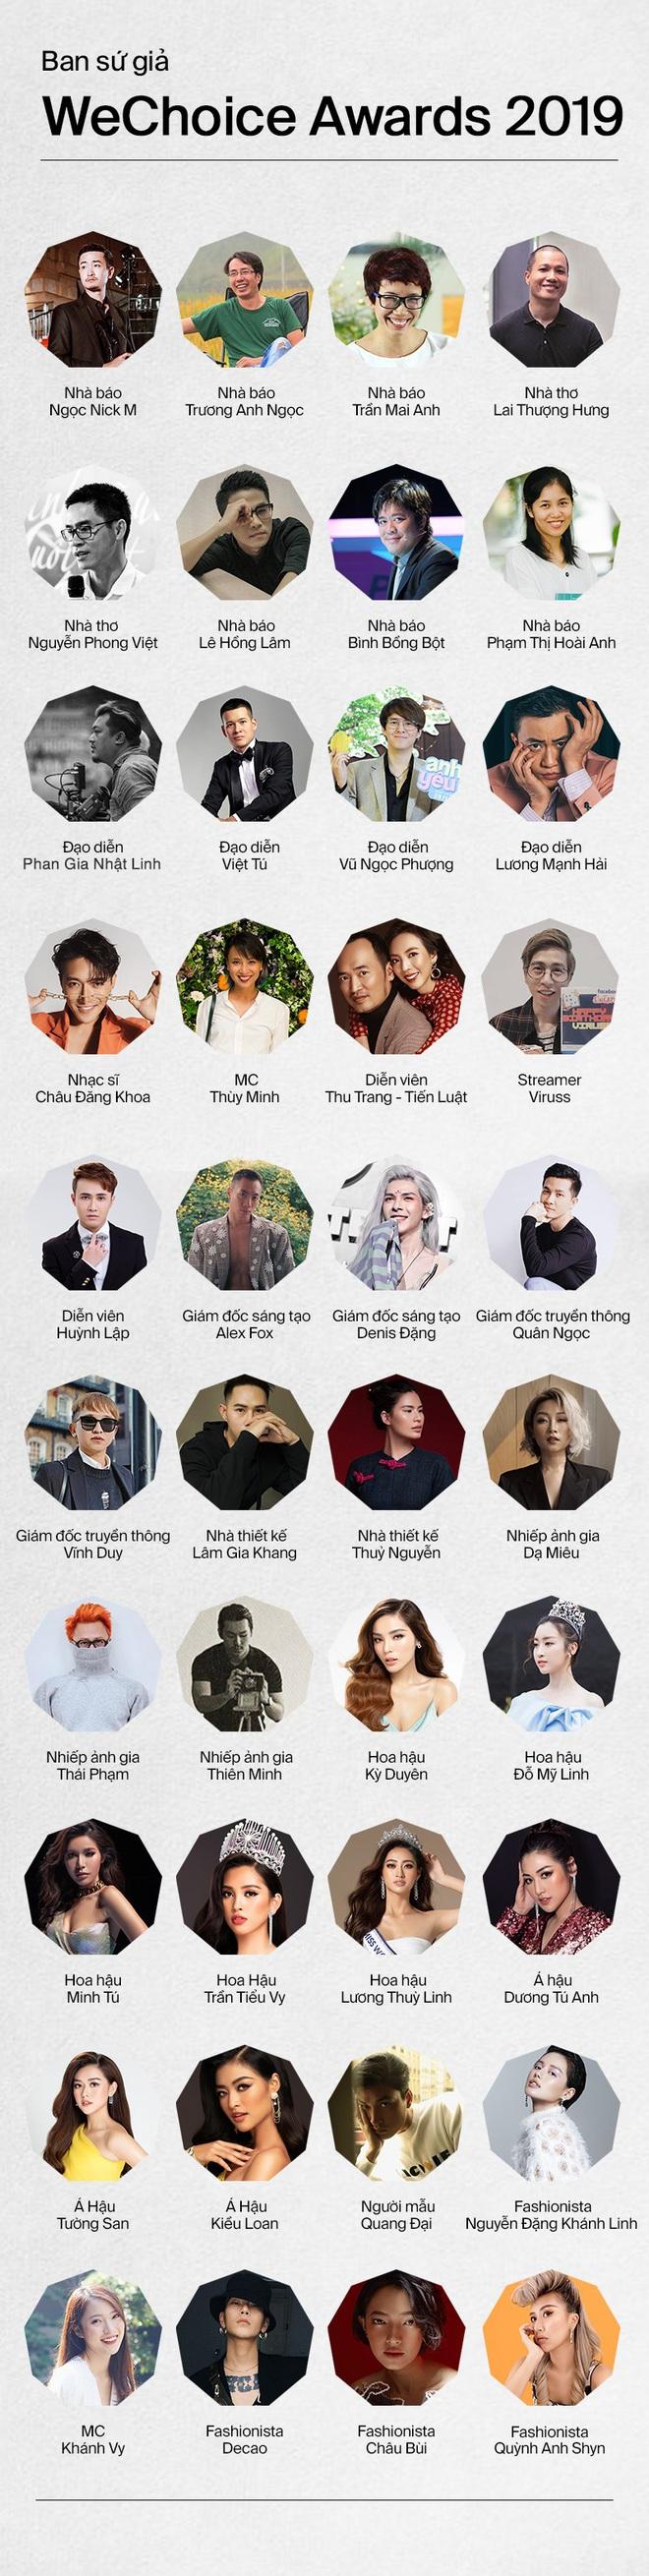 Mùa thứ 2 xuất hiện, những cái tên nào sẽ góp mặt trong Ban Sứ Giả WeChoice Awards 2019? - Ảnh 2.